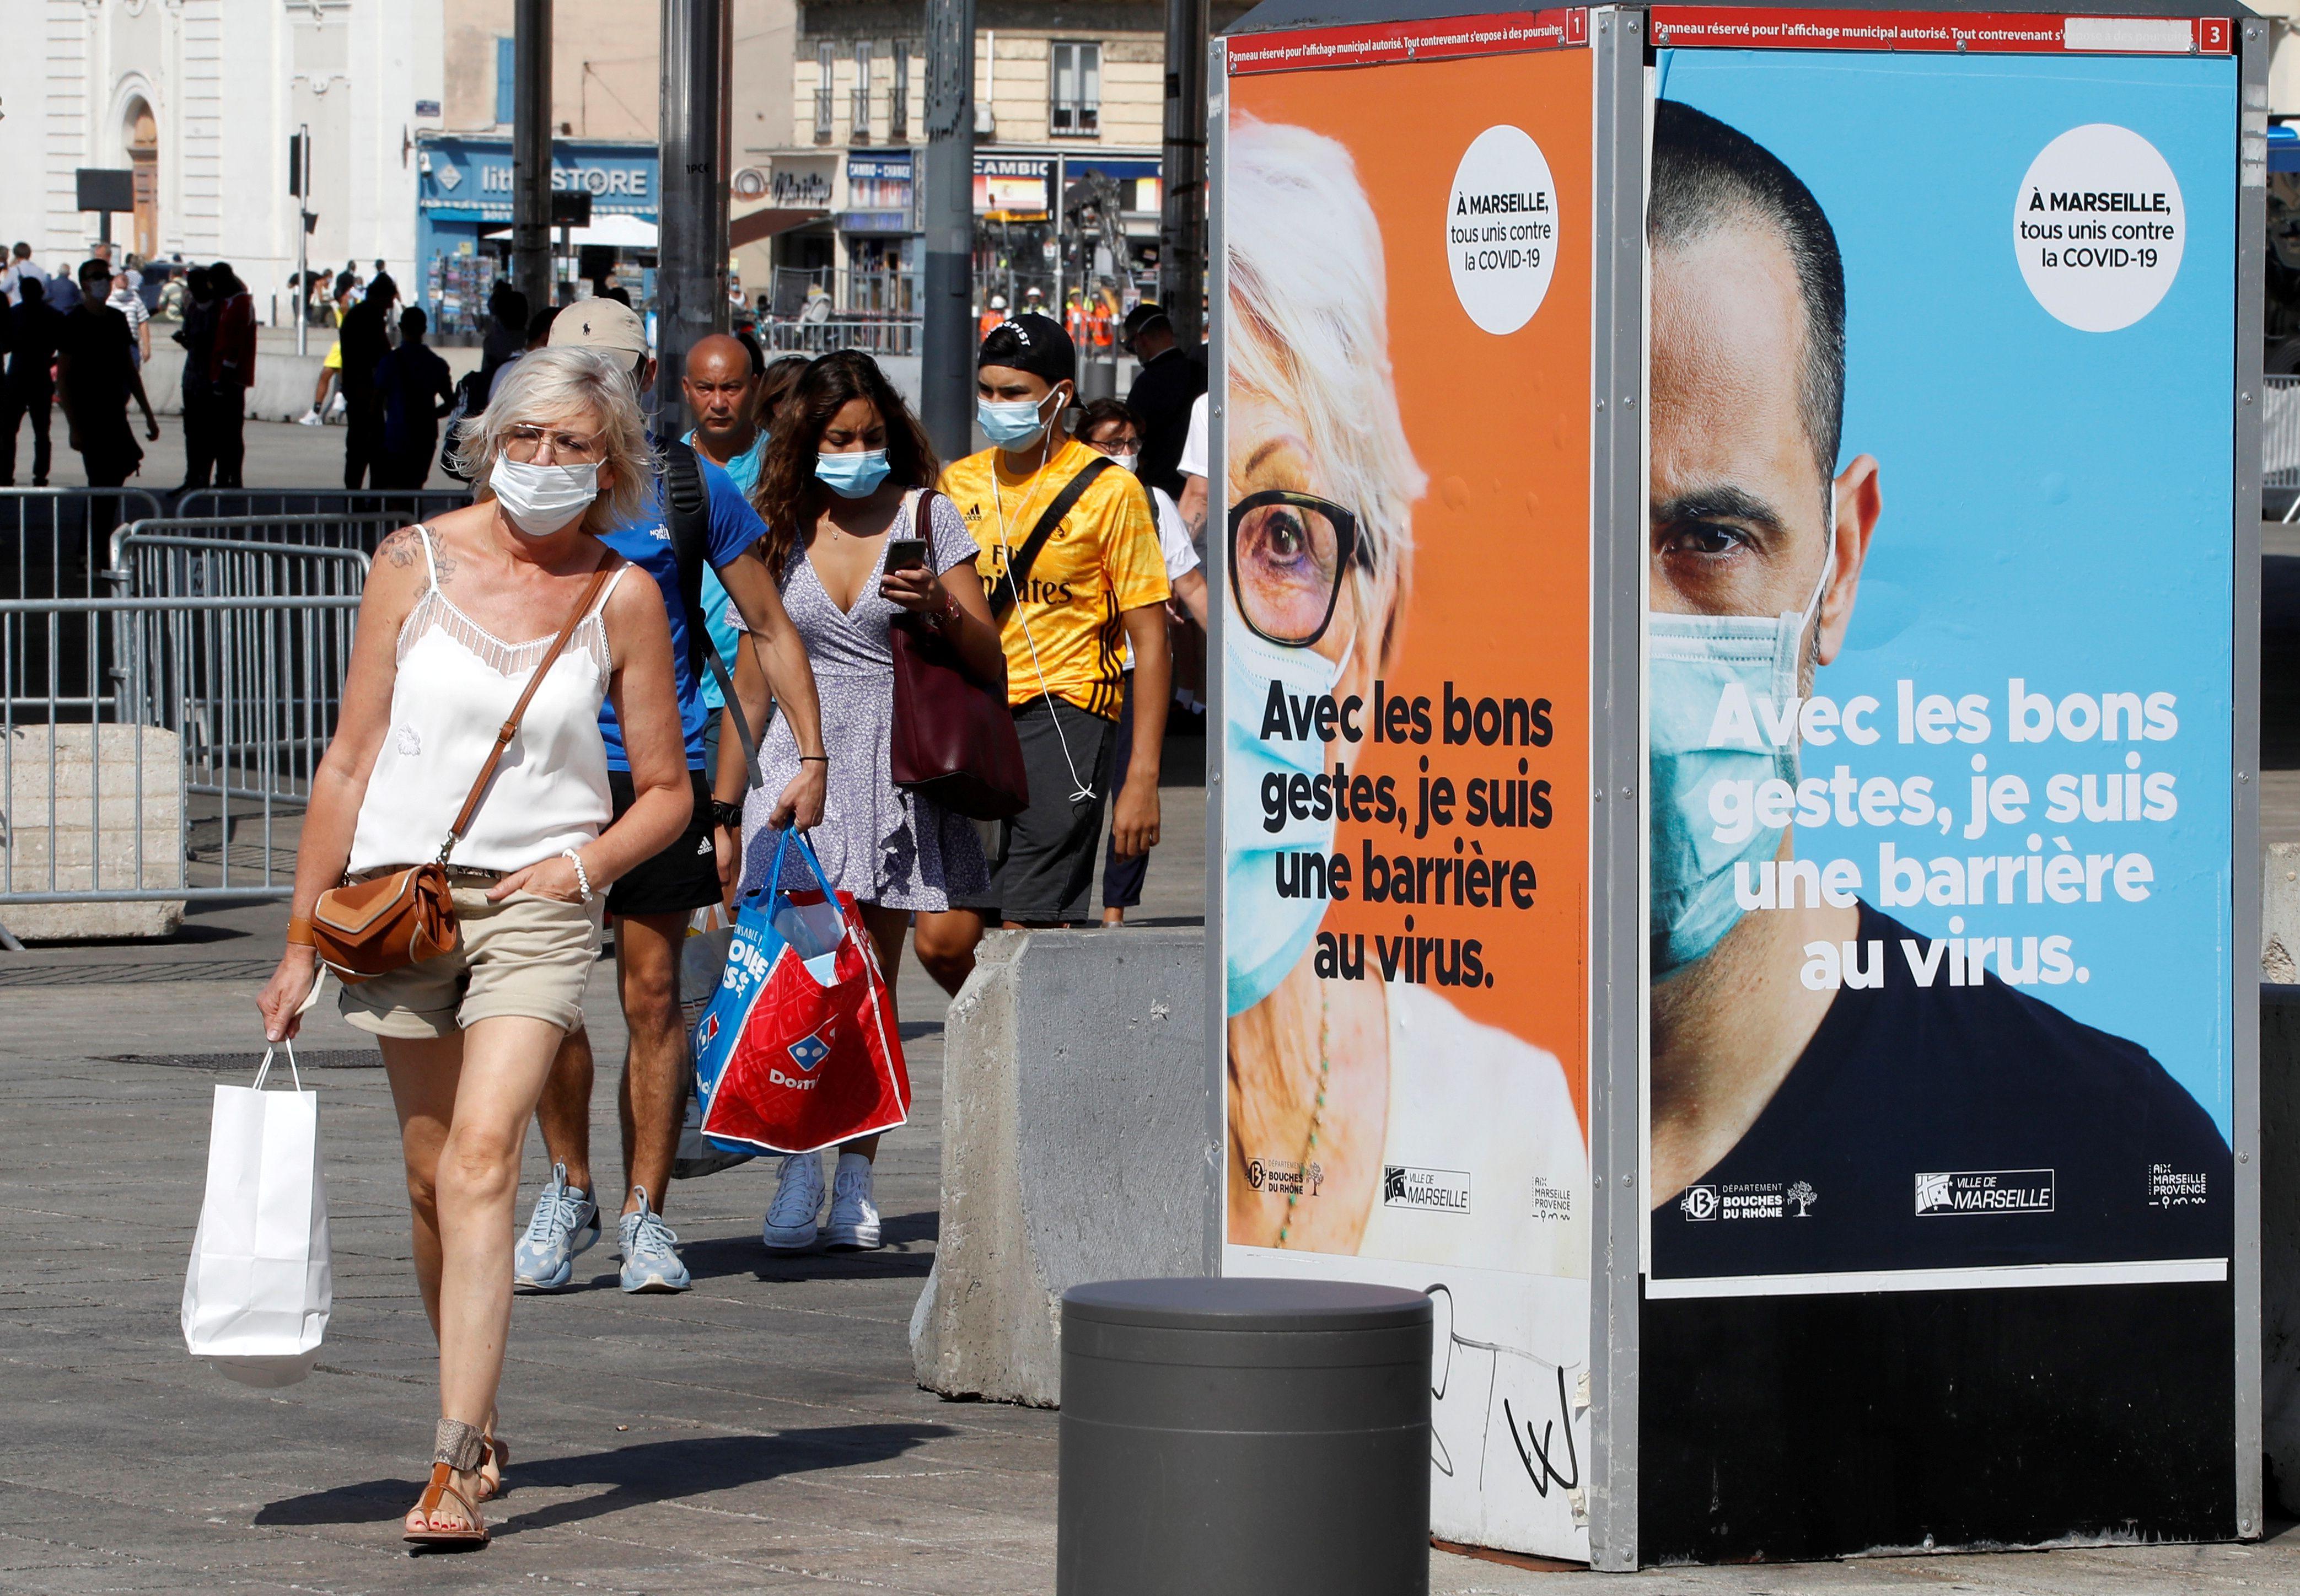 Varias ciudades de Francia, incluidas Marsella y París, se acercan al límite de sus sistemas sanitarios (Reuters)